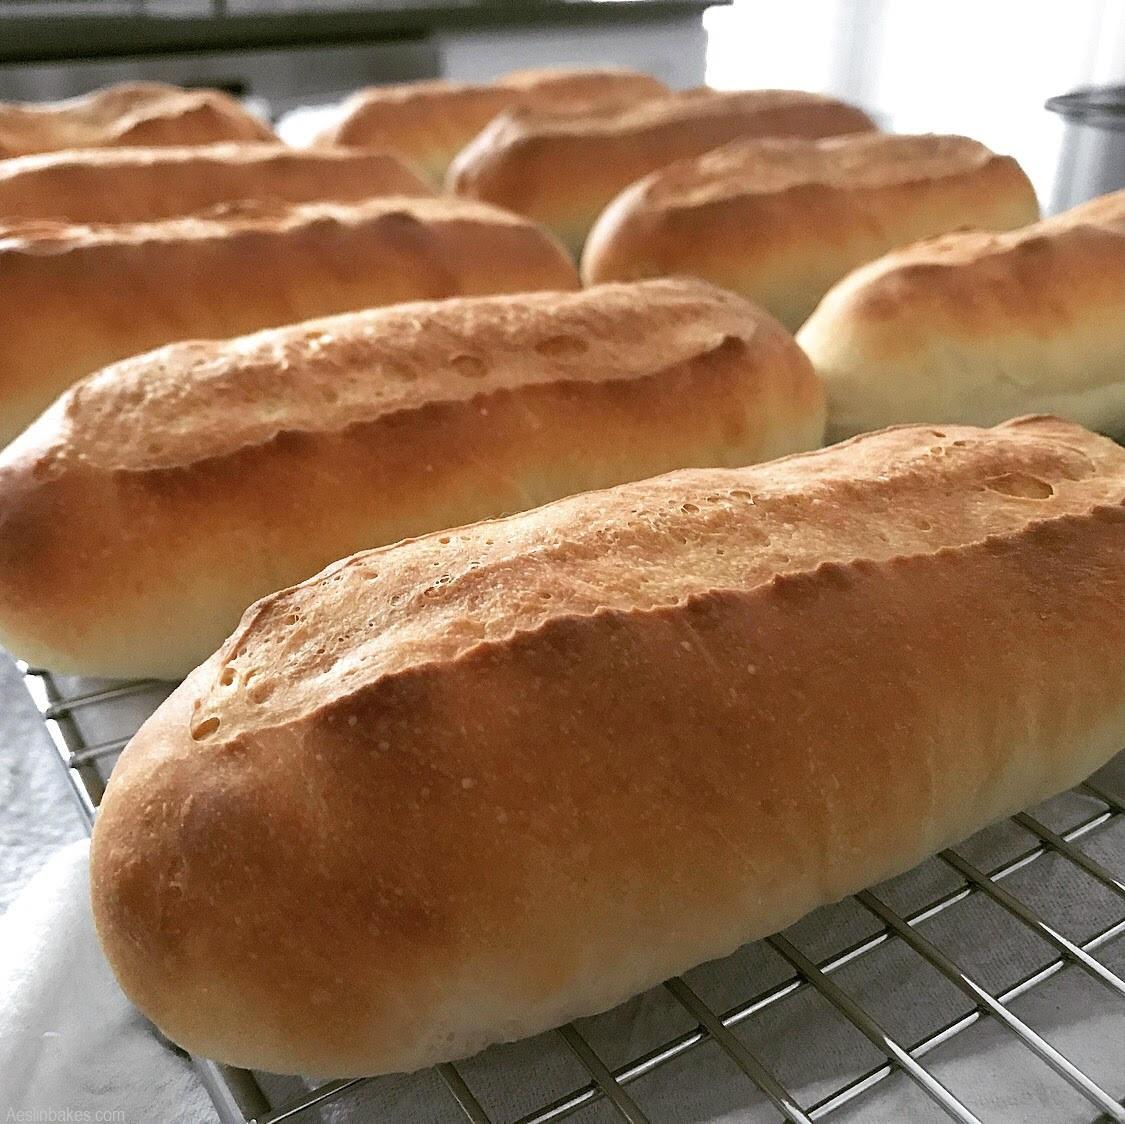 Hotdog buns cooling wide